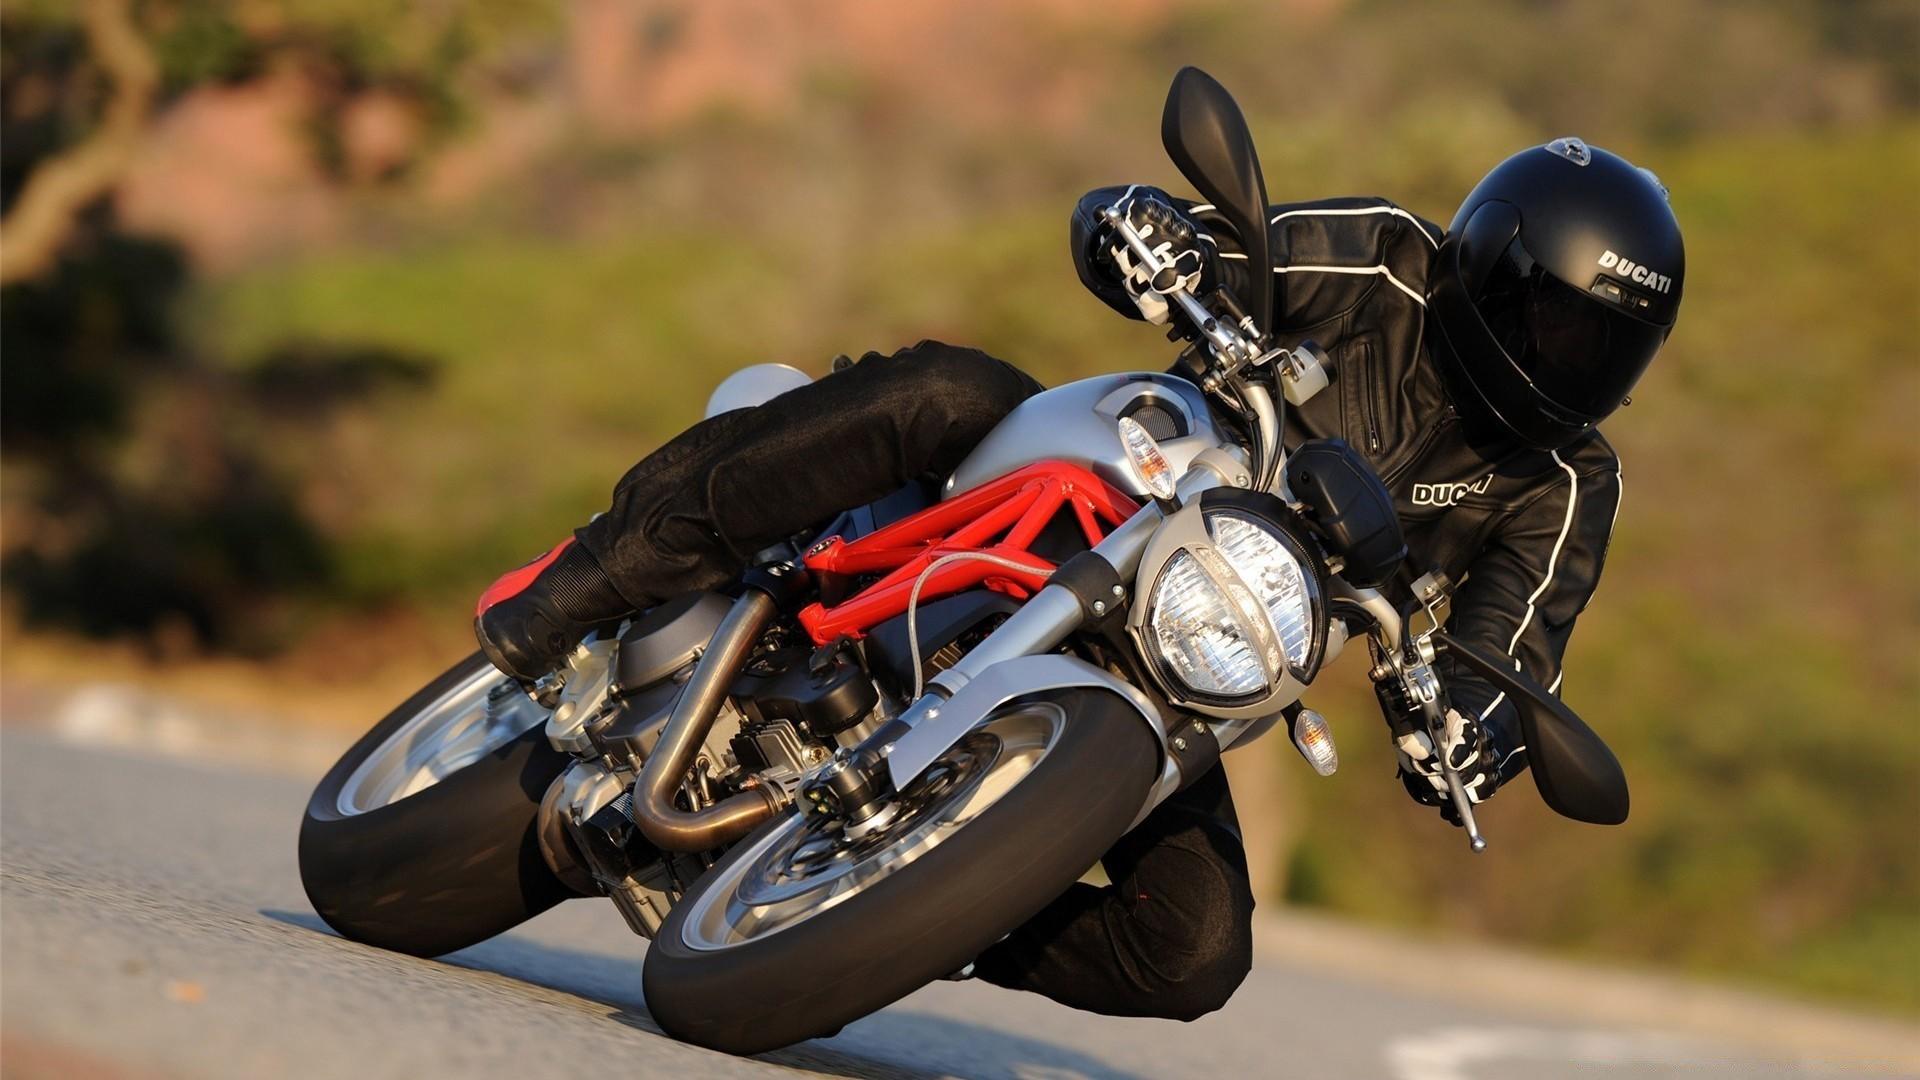 Обои для рабочего стола мотоциклы дукати